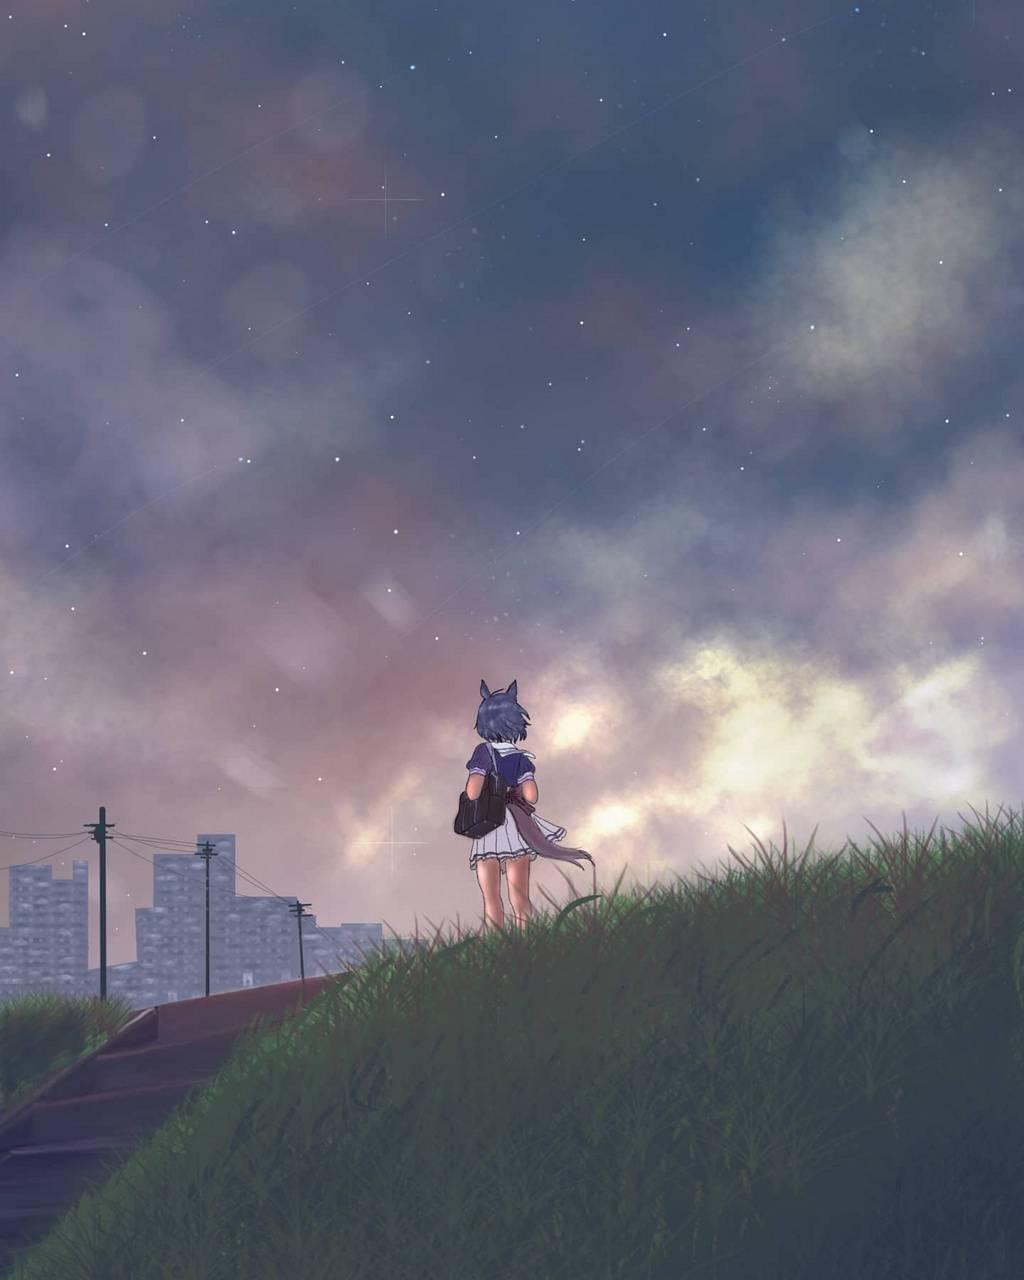 Anime bae OG